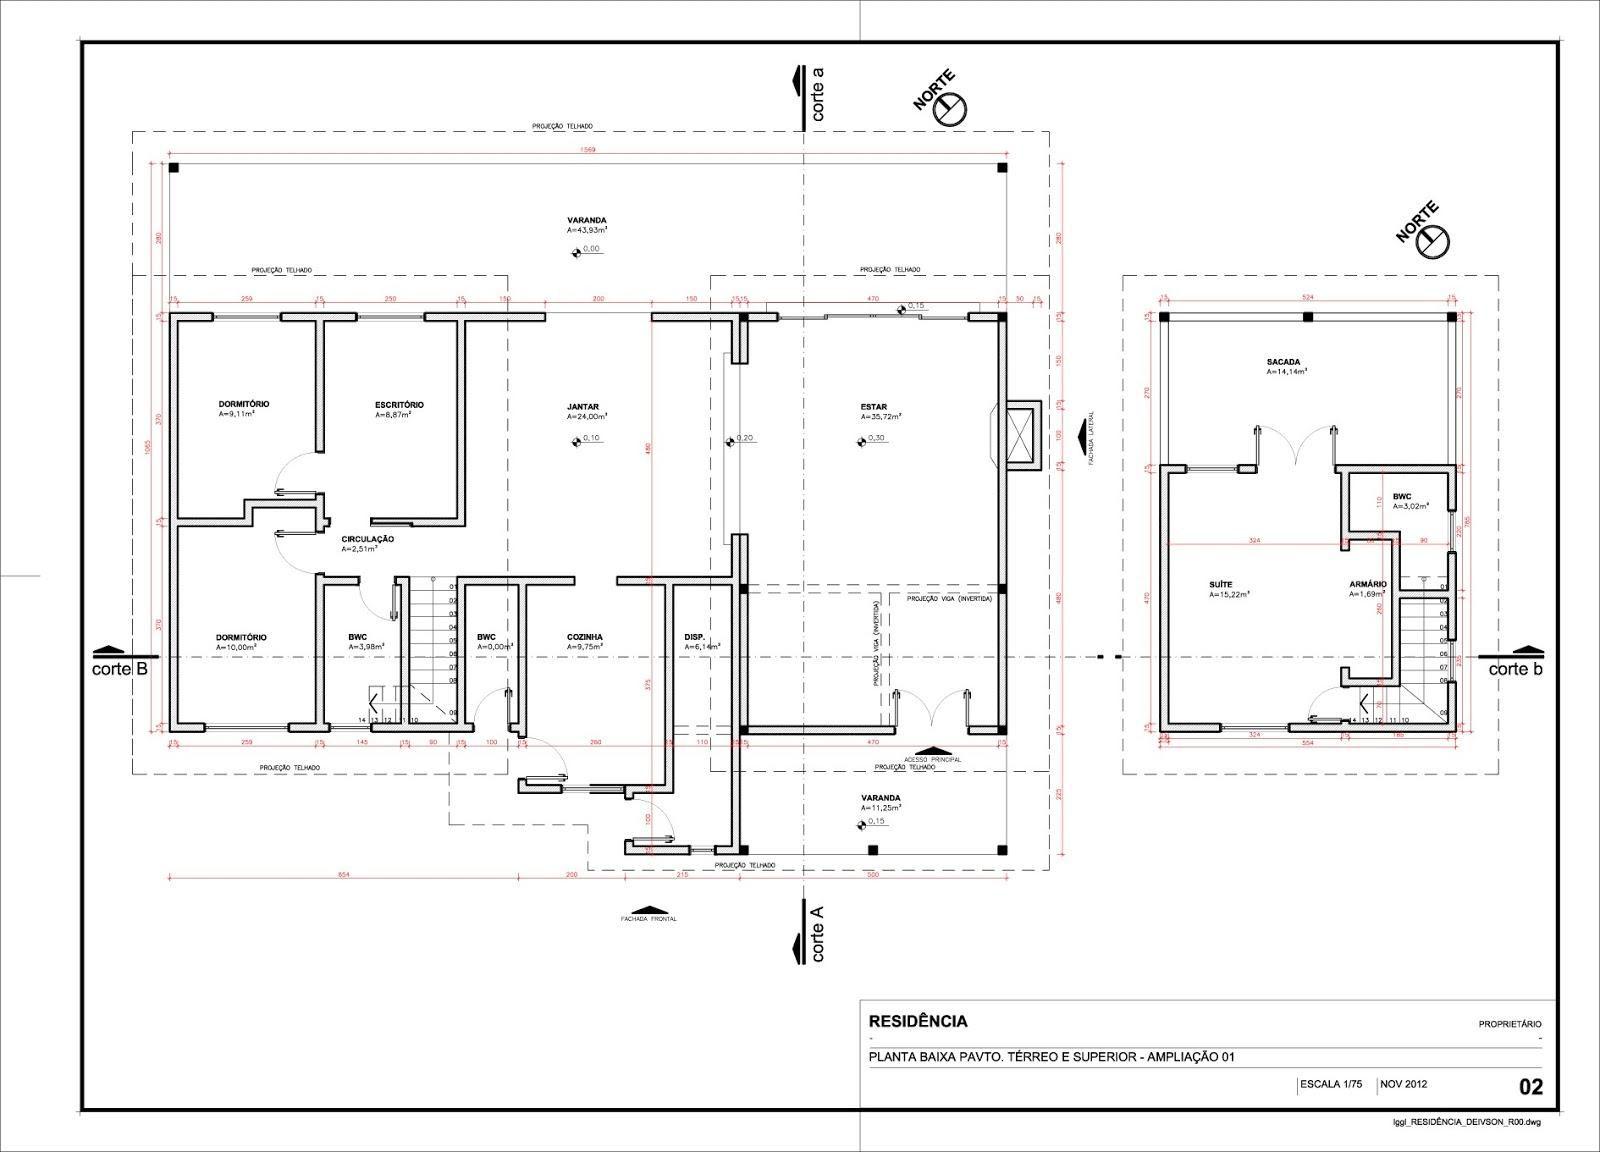 Projeto arquitetônico de ampliação de uma residência em Cad (2D #765555 1600 1152